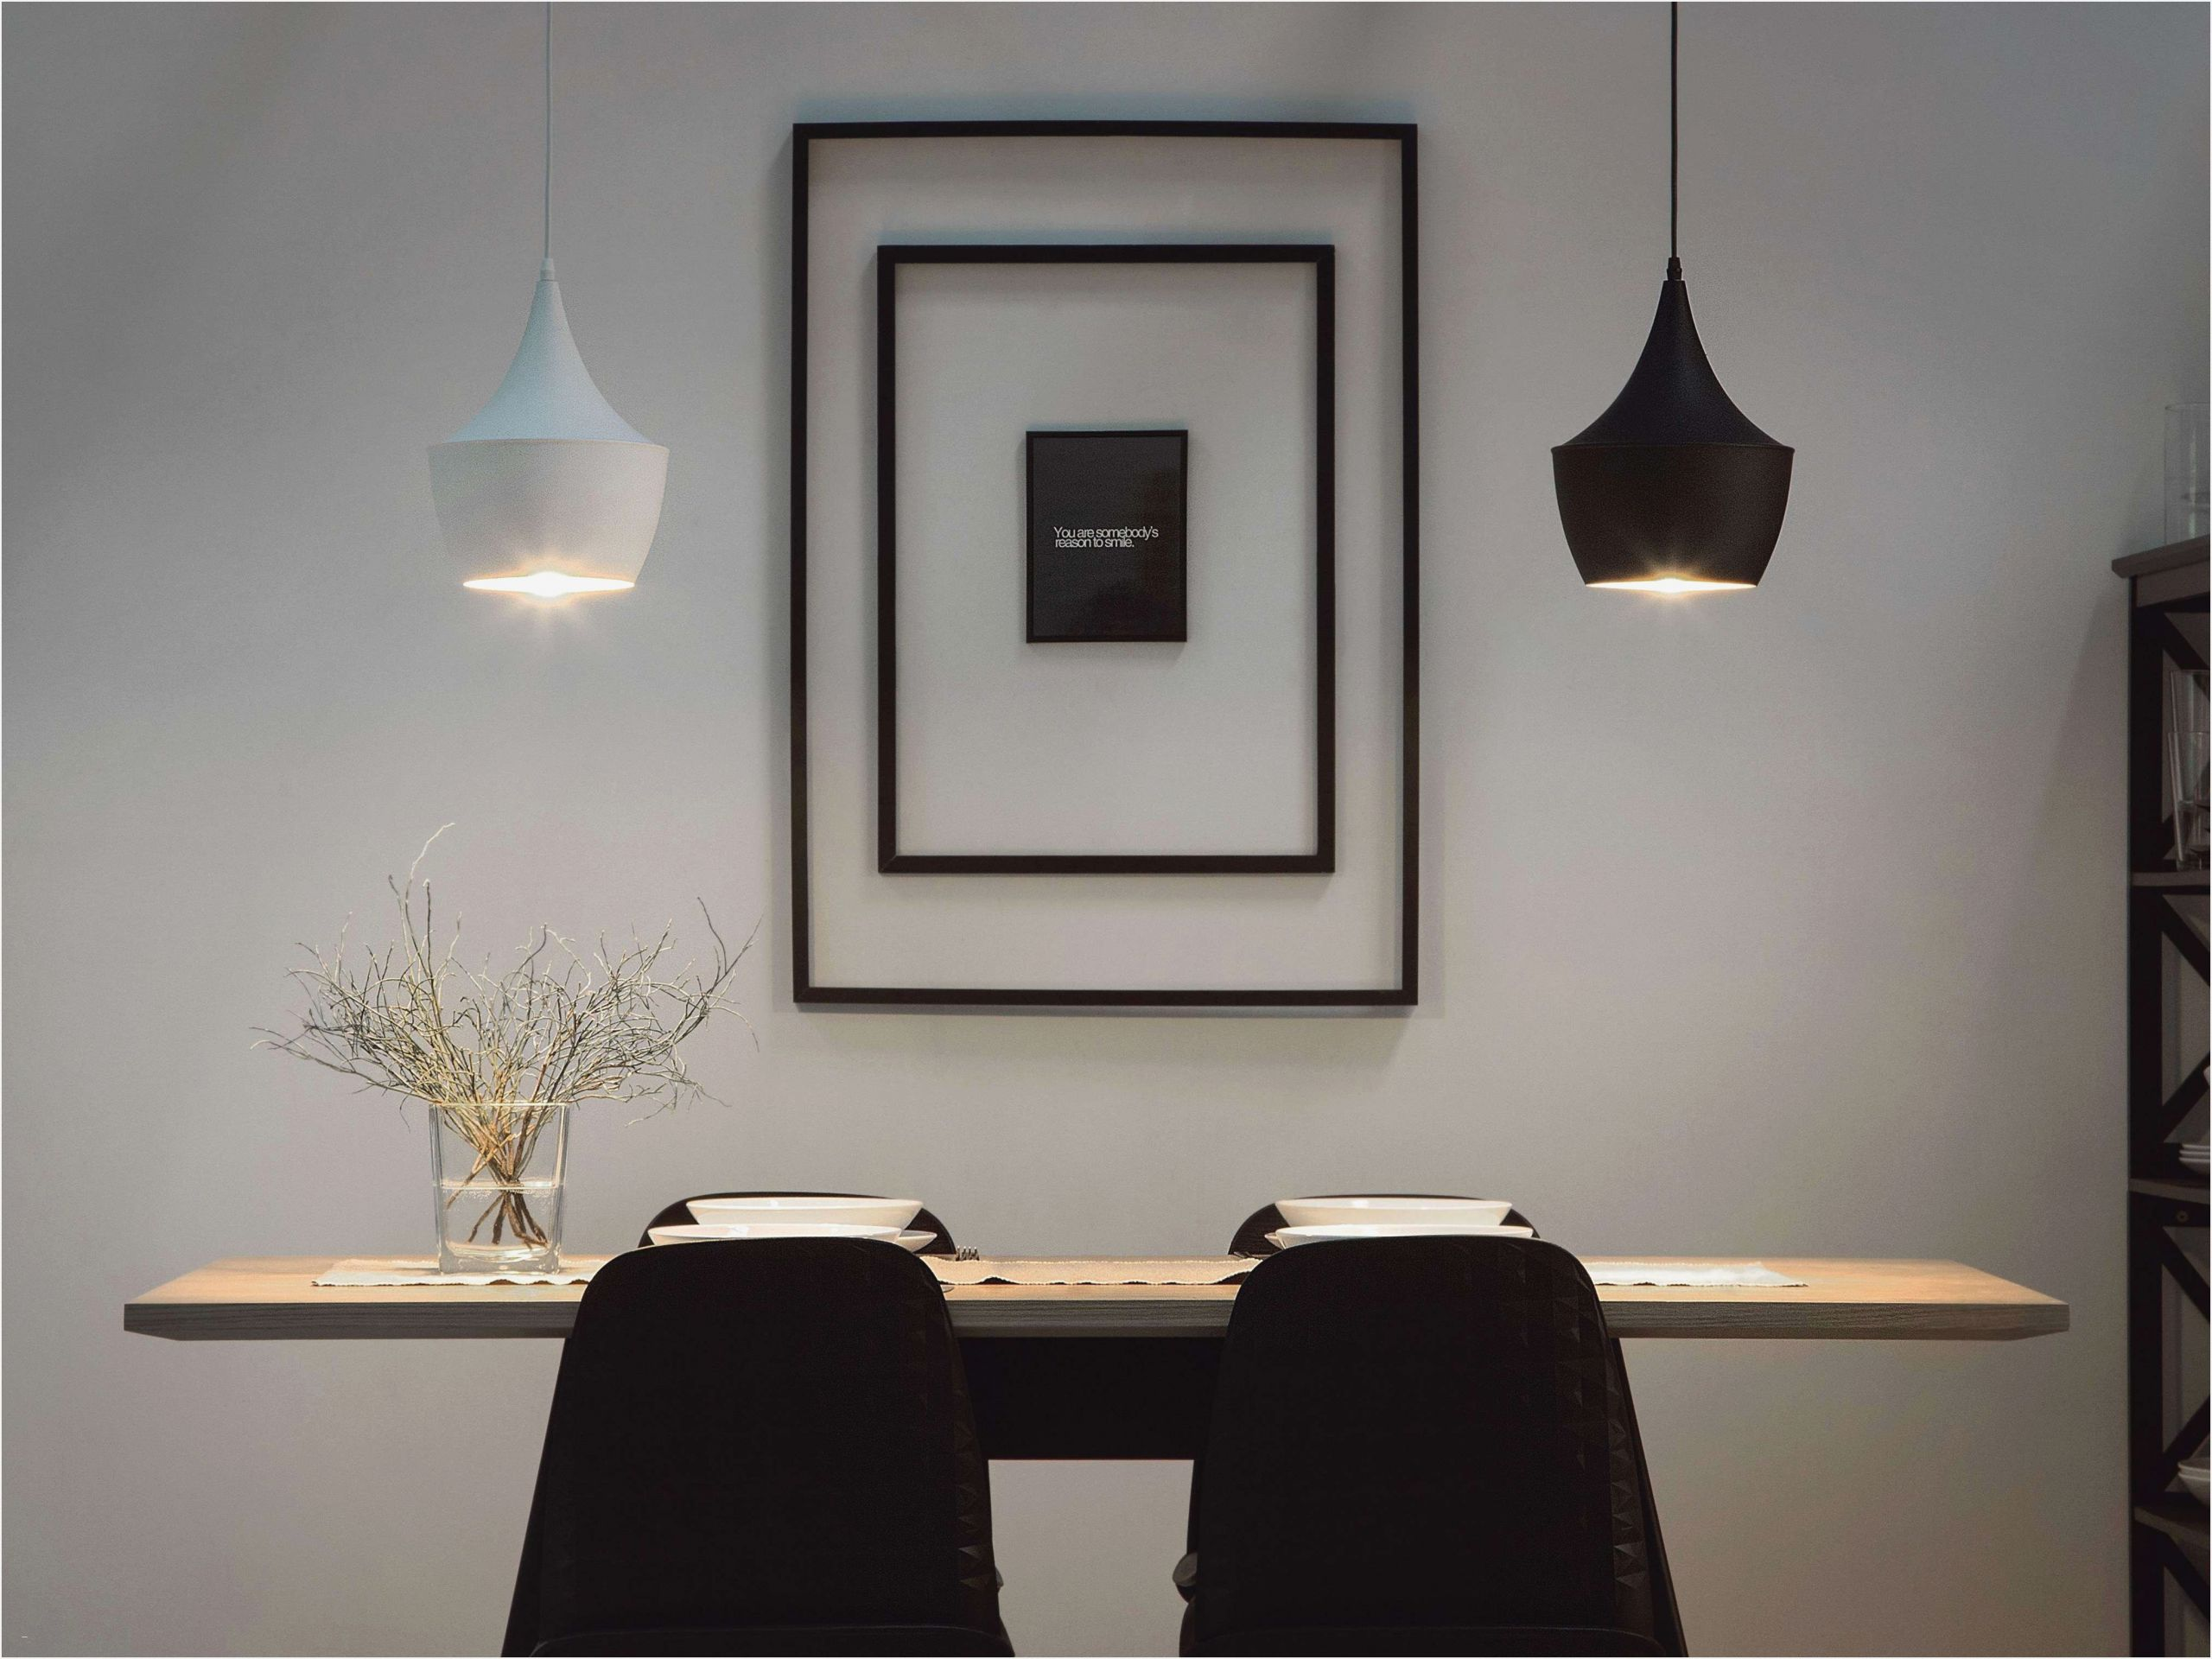 Full Size of Vorhänge Schlafzimmer Weiss Wohnzimmer Lampen Lampe Wiemann Deckenlampe Deckenlampen Für Klimagerät Rauch Fototapete Wandlampe Kommode Stehlampe Schlafzimmer Lampe Schlafzimmer